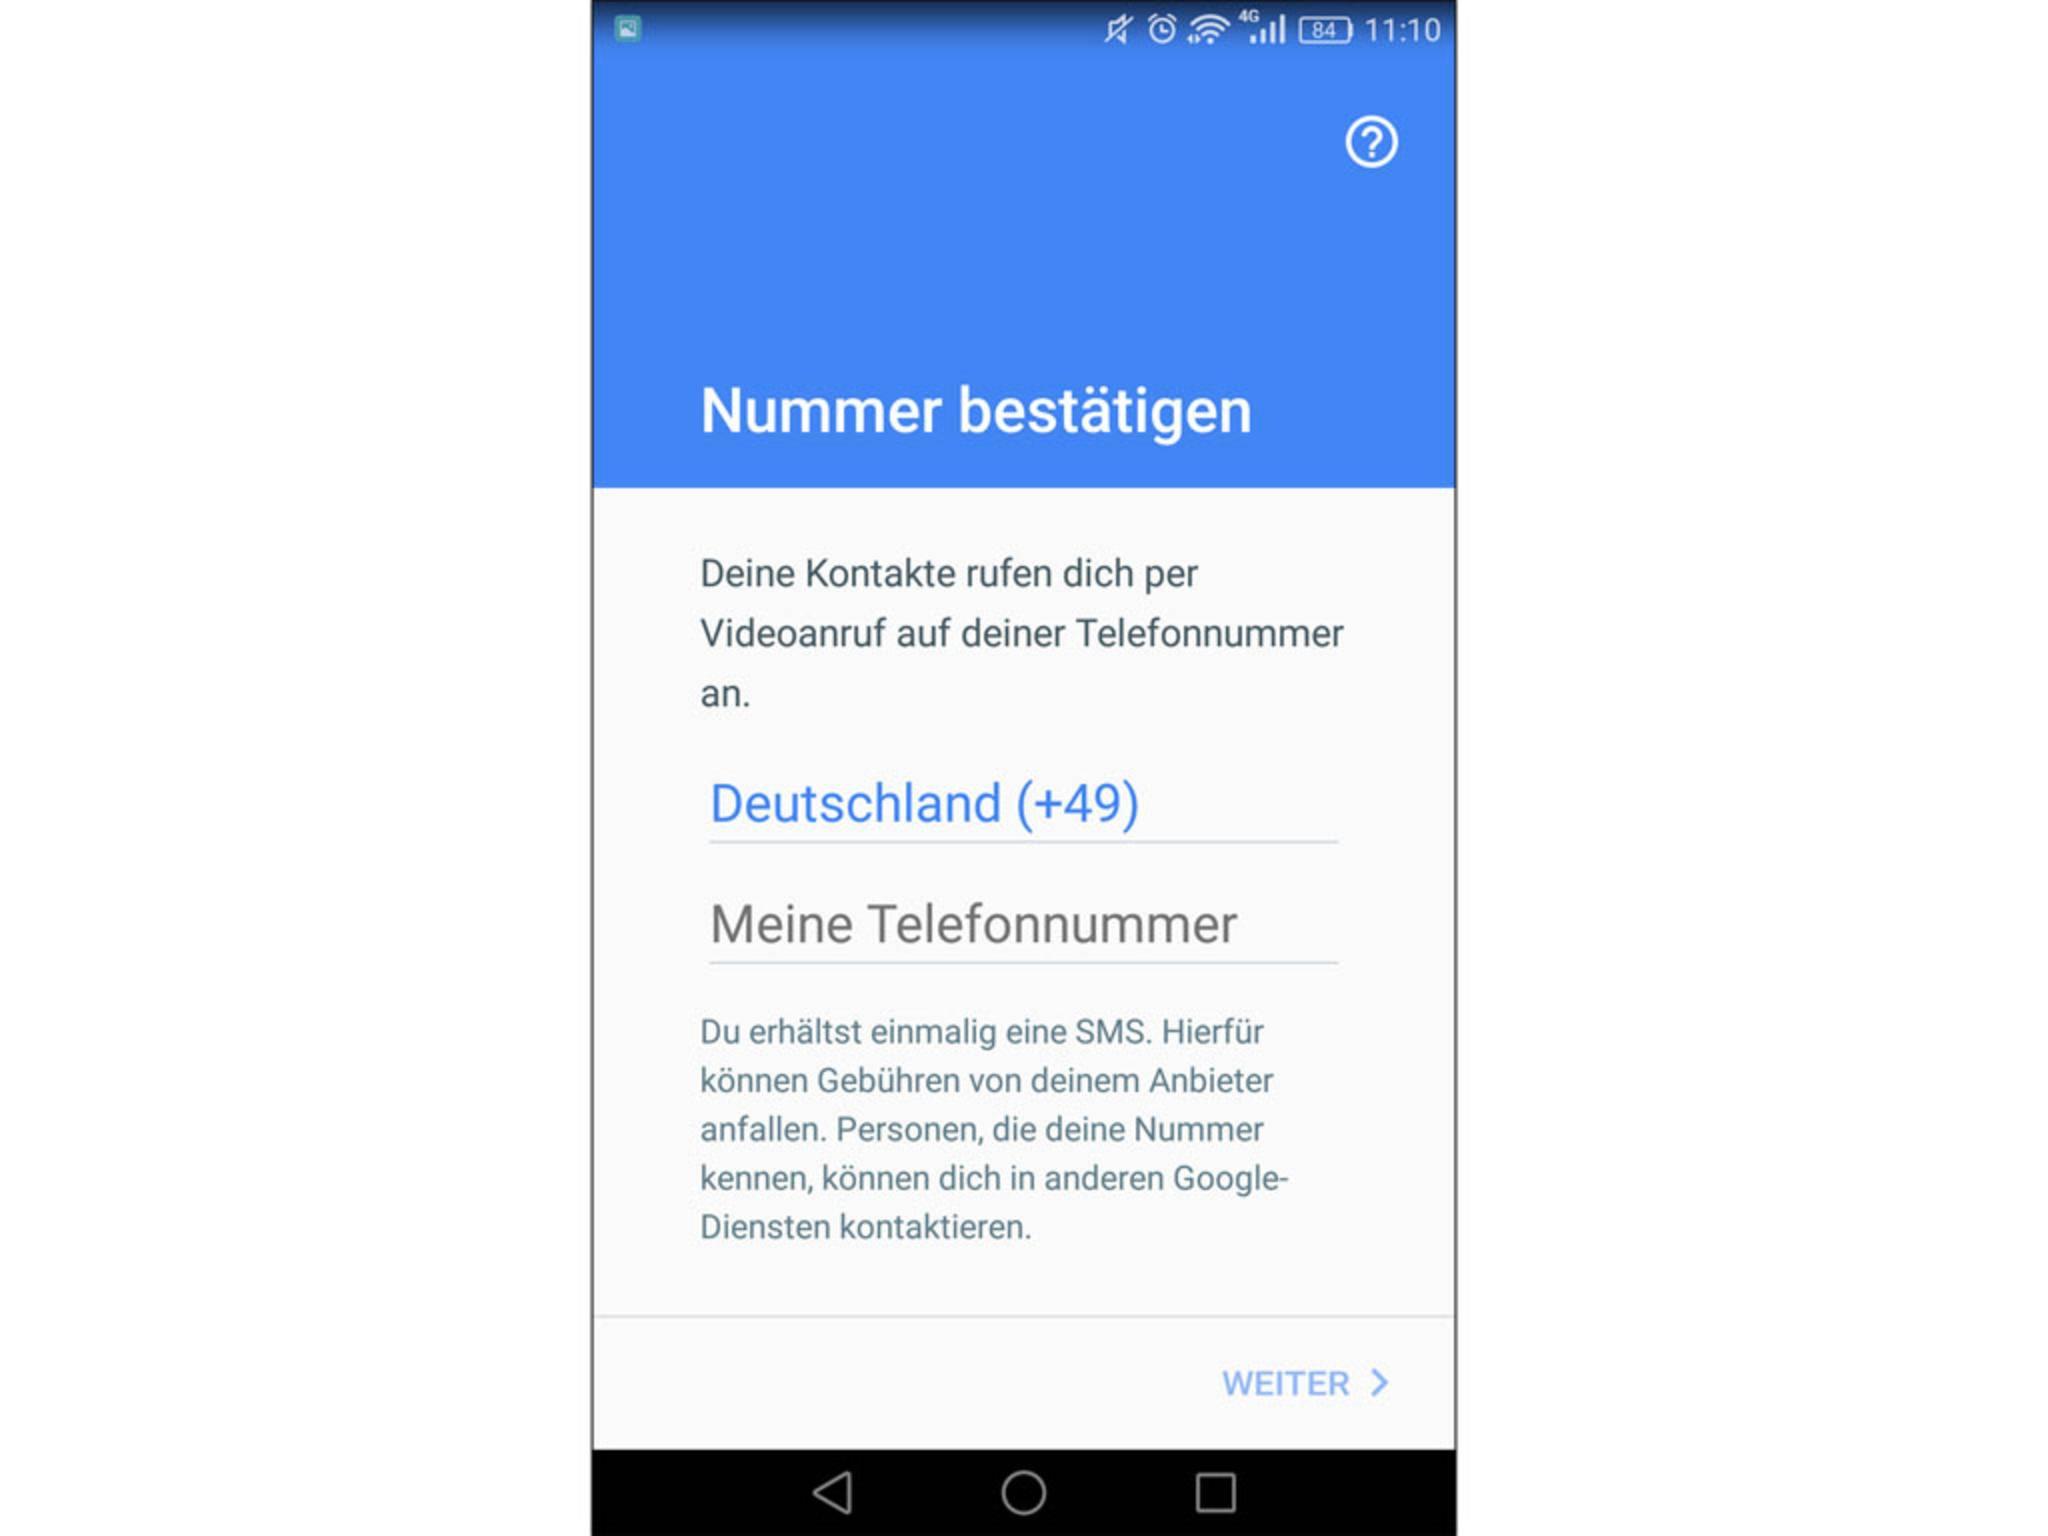 Um Google Duo nutzen zu können, braucht es nur eine Telefonnummer.